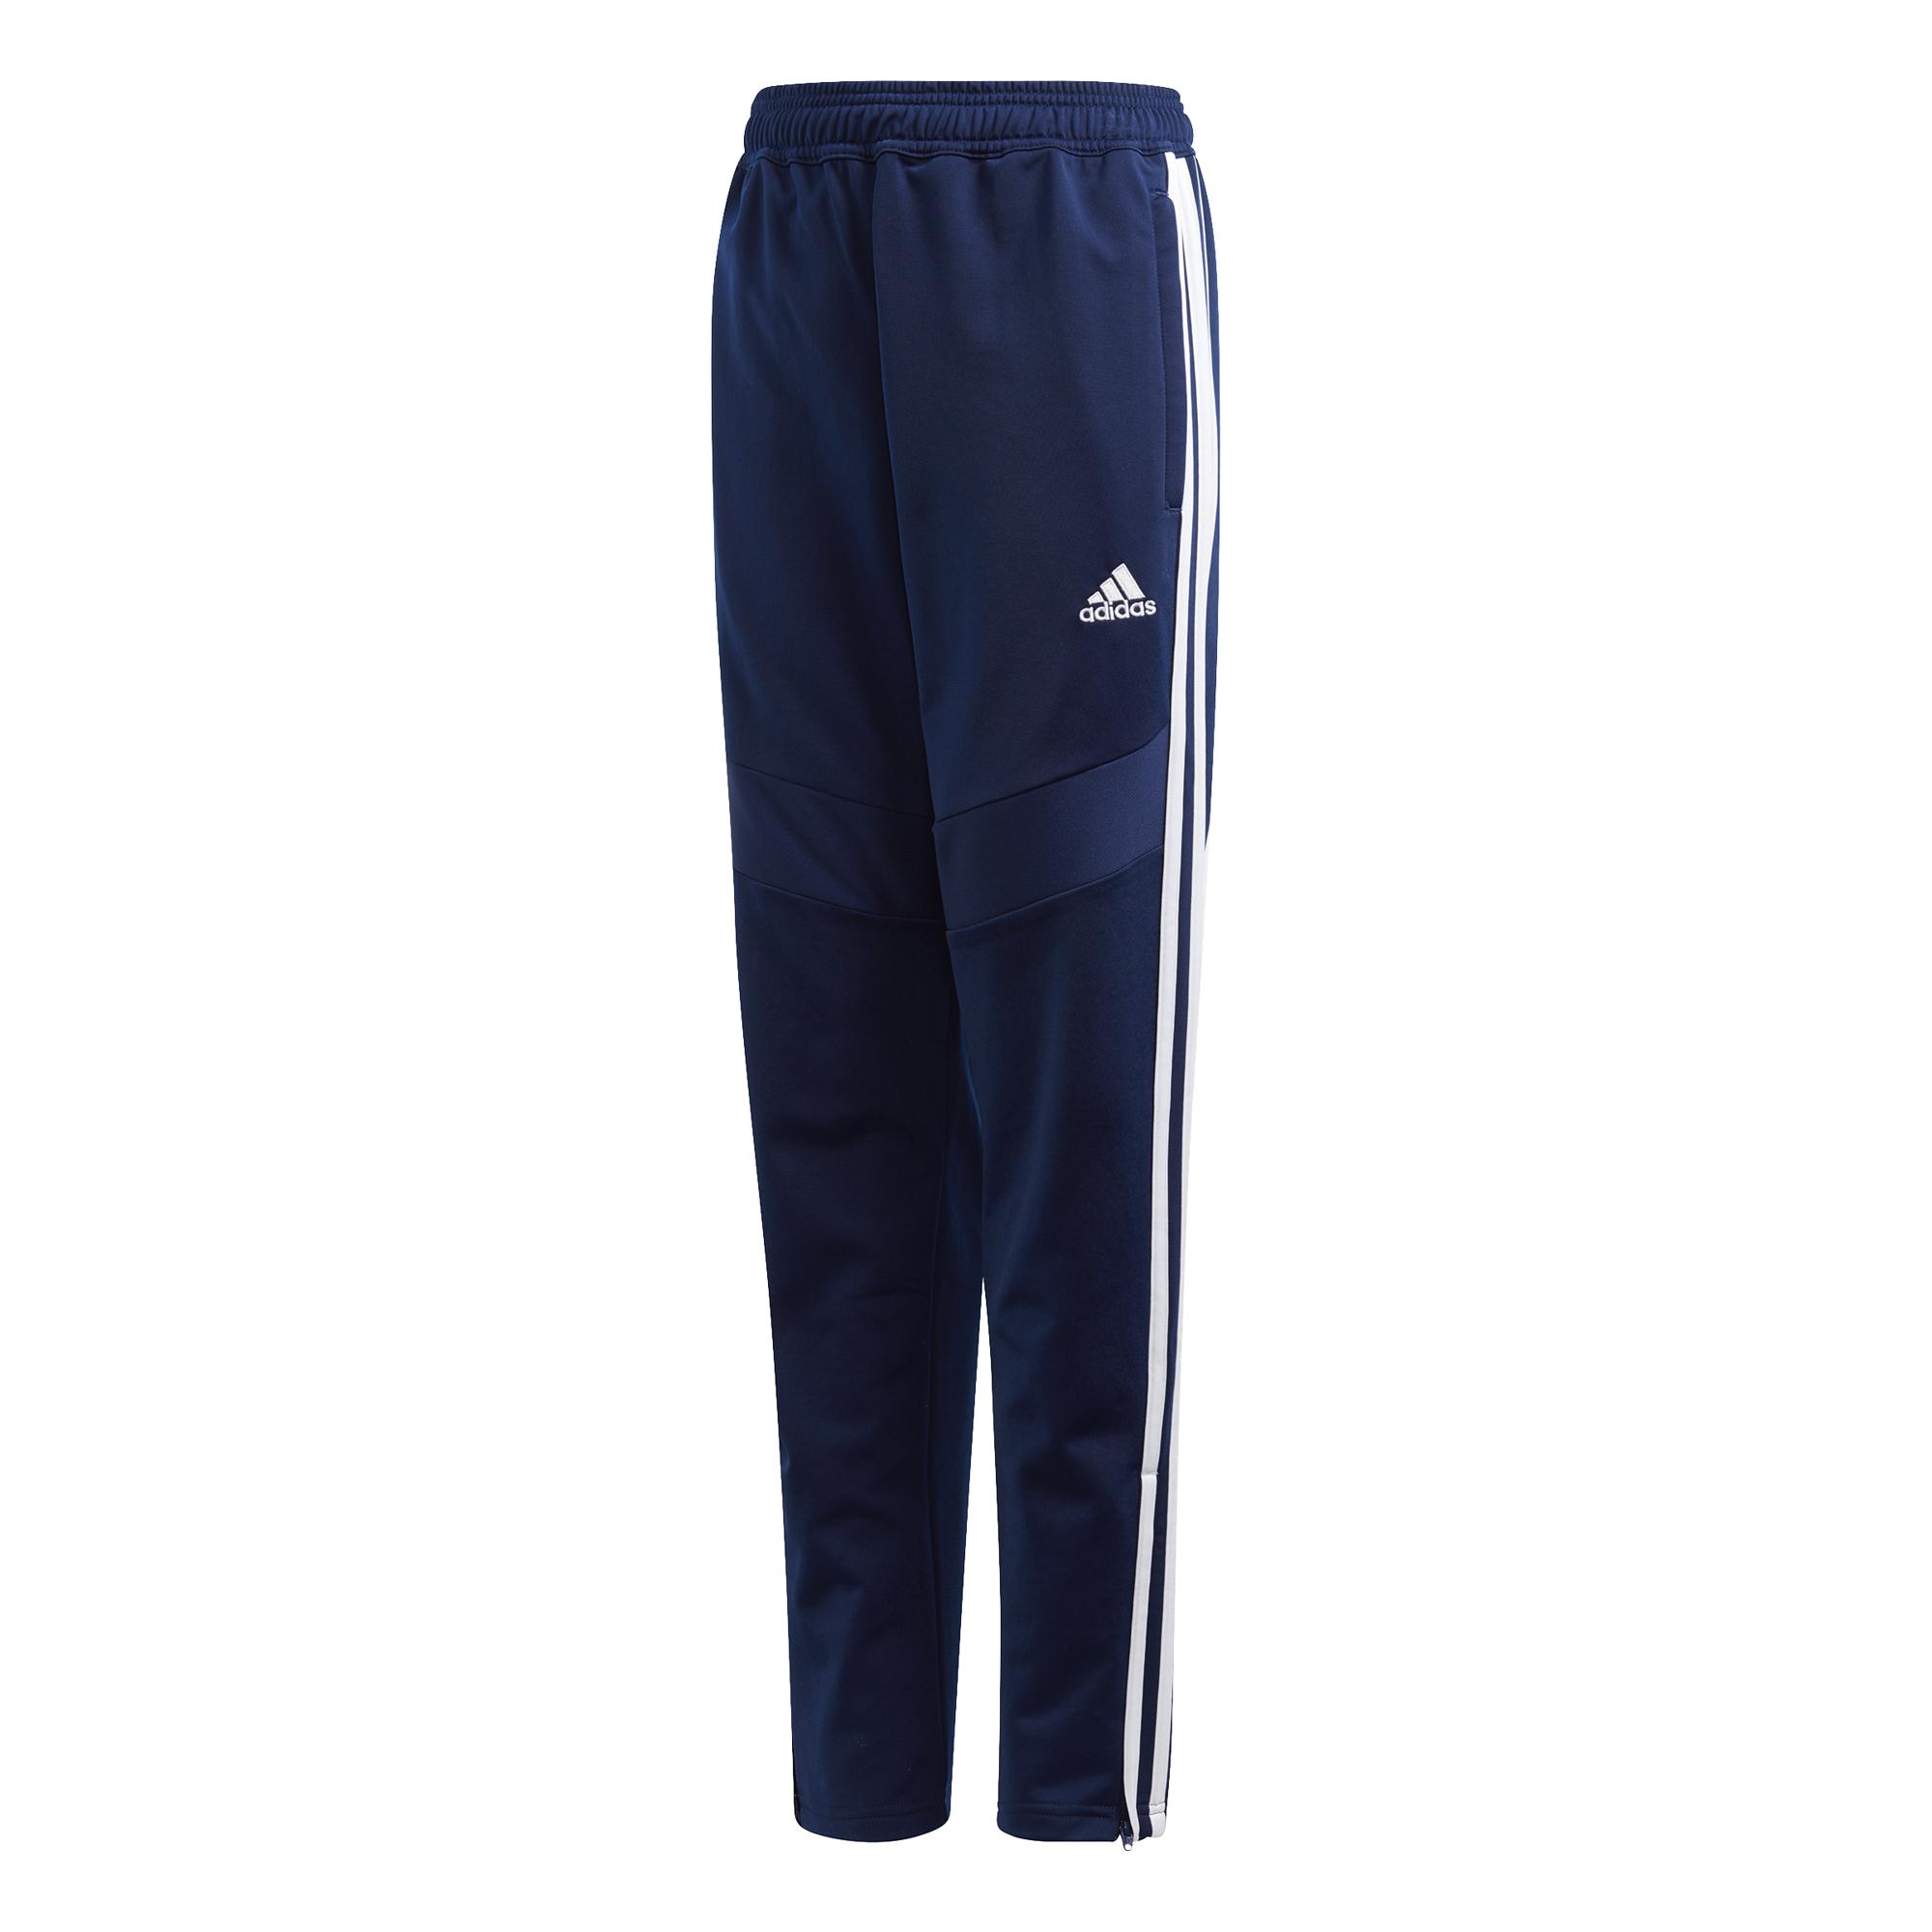 ADIDAS polyesterové kalhoty Tiro 19 dětské